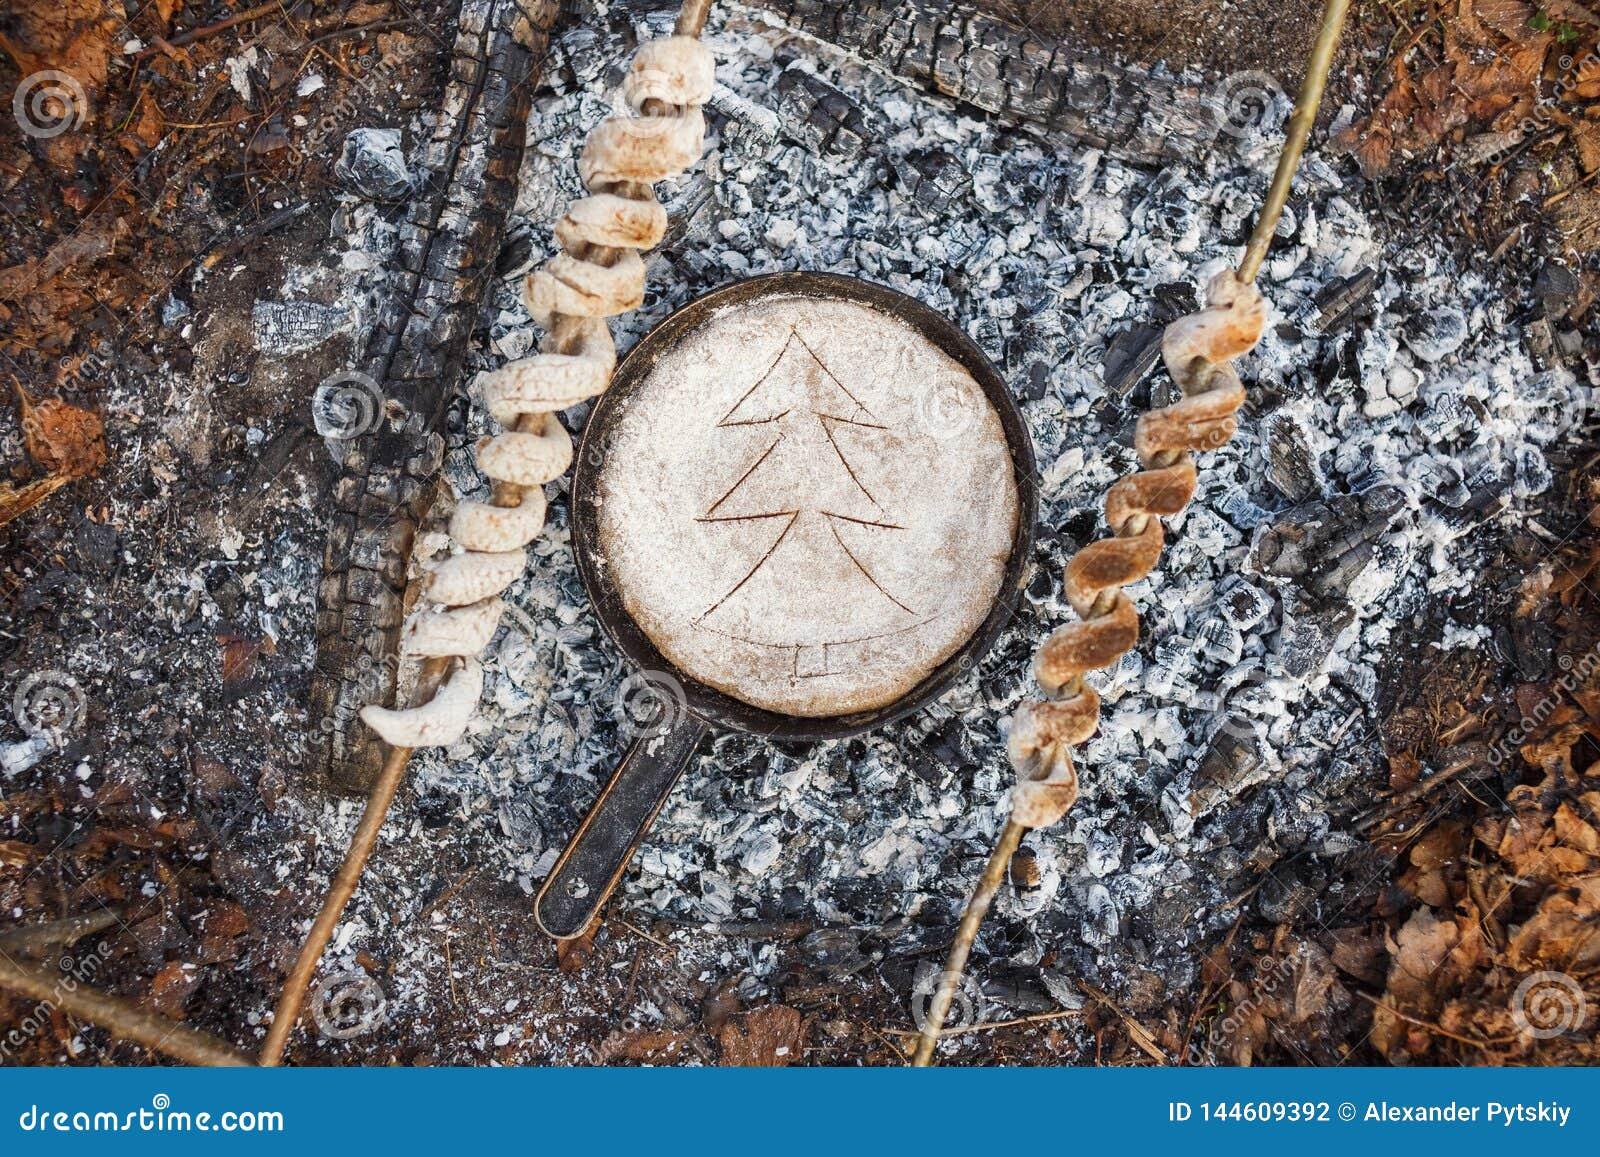 Сковорода с хлебом на углях леса огня весной